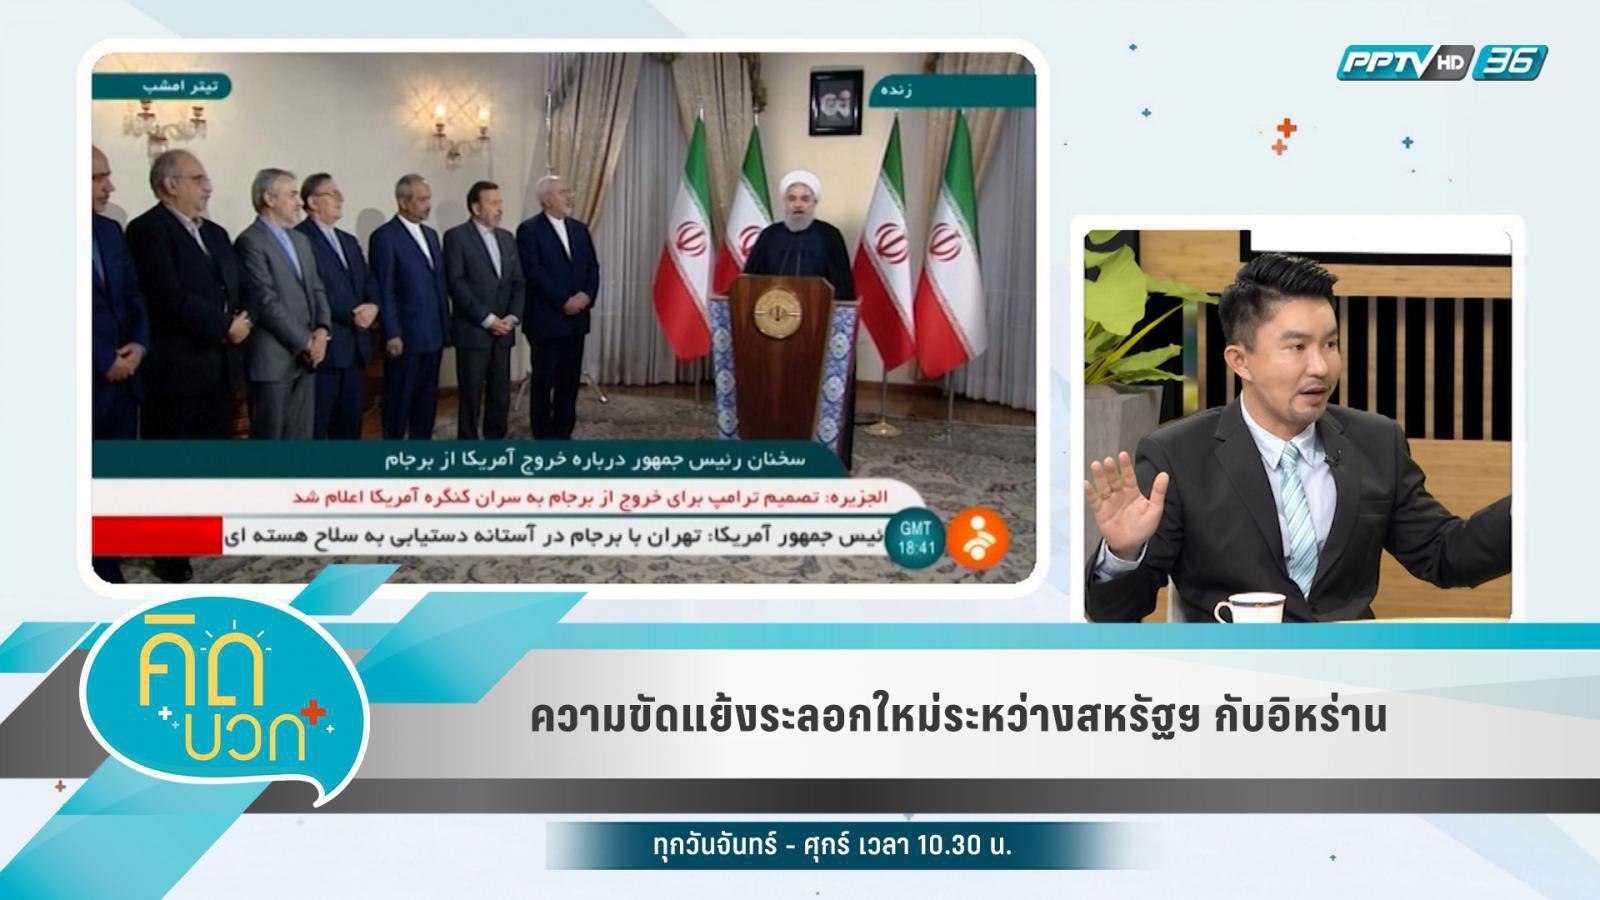 ความขัดแย้งระลอกใหม่ระหว่างสหรัฐฯ กับอิหร่าน